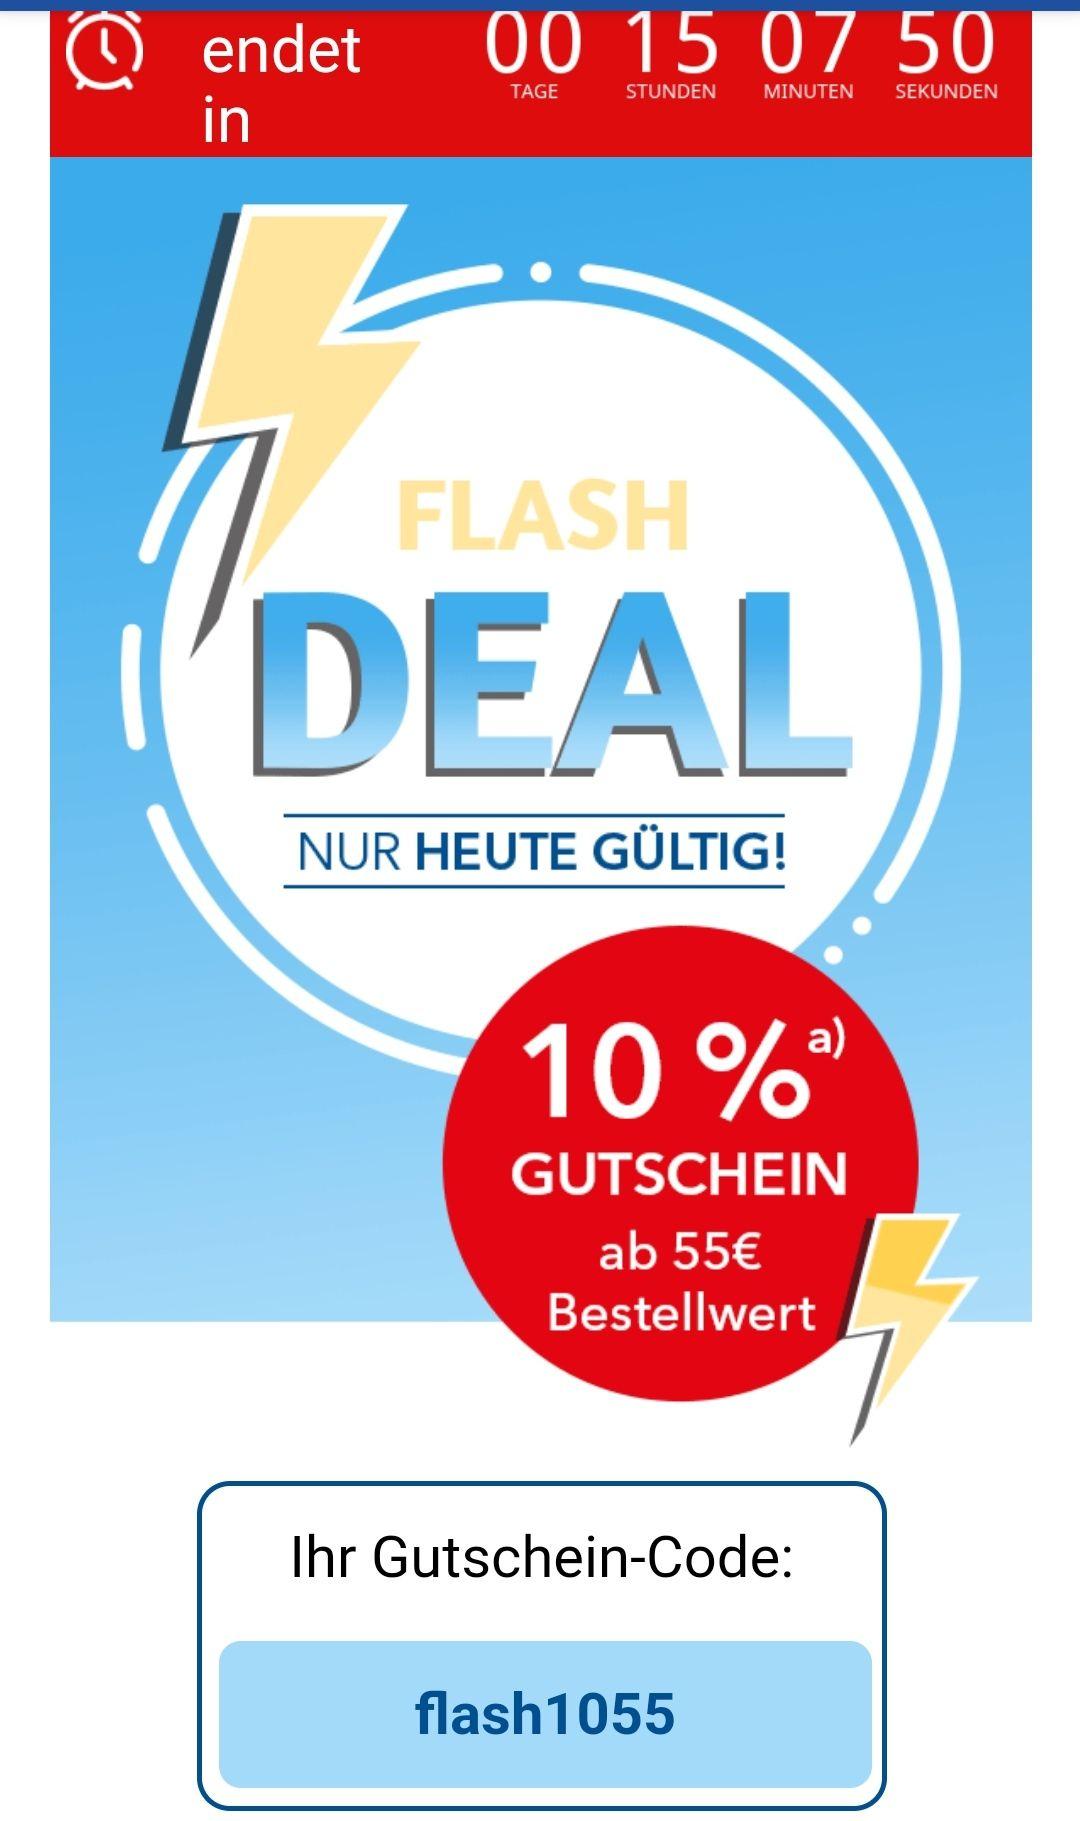 Shop Apotheke, 10% ab 55€ Mindestbestellwert